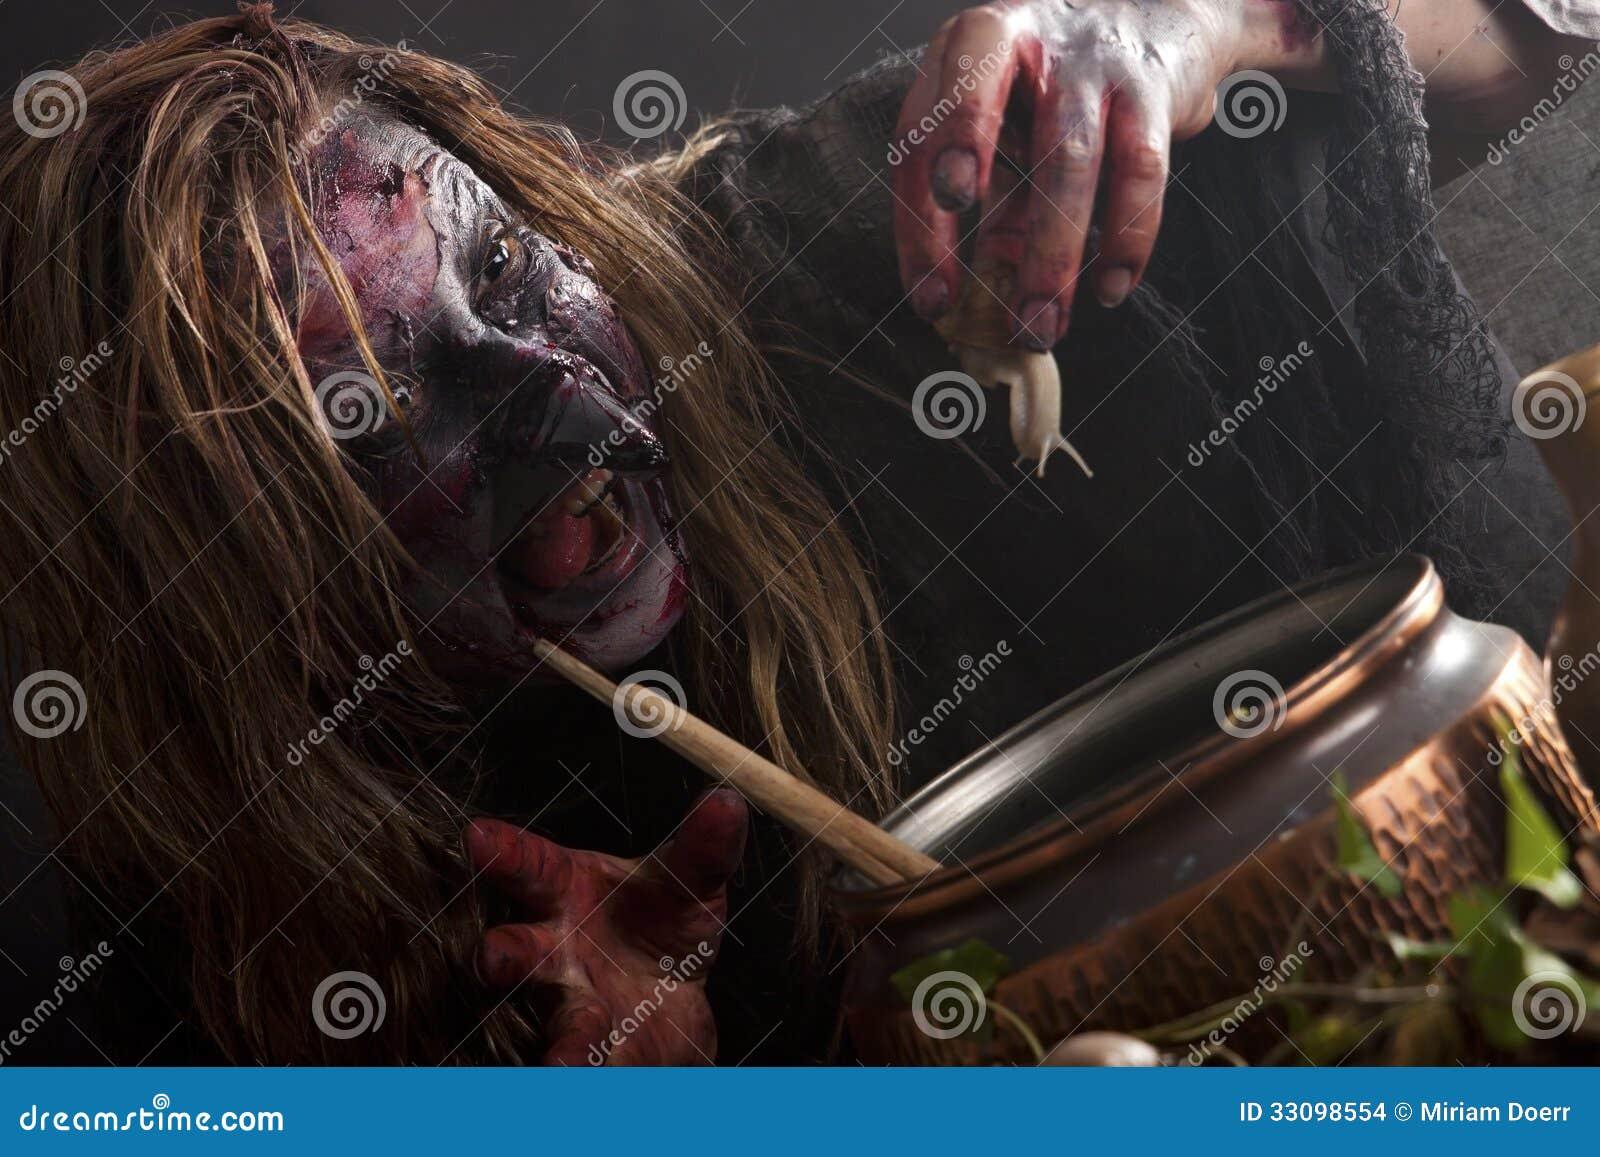 Η μάγισσα παρασκευάζει μια φίλτρο με ένα σαλιγκάρι